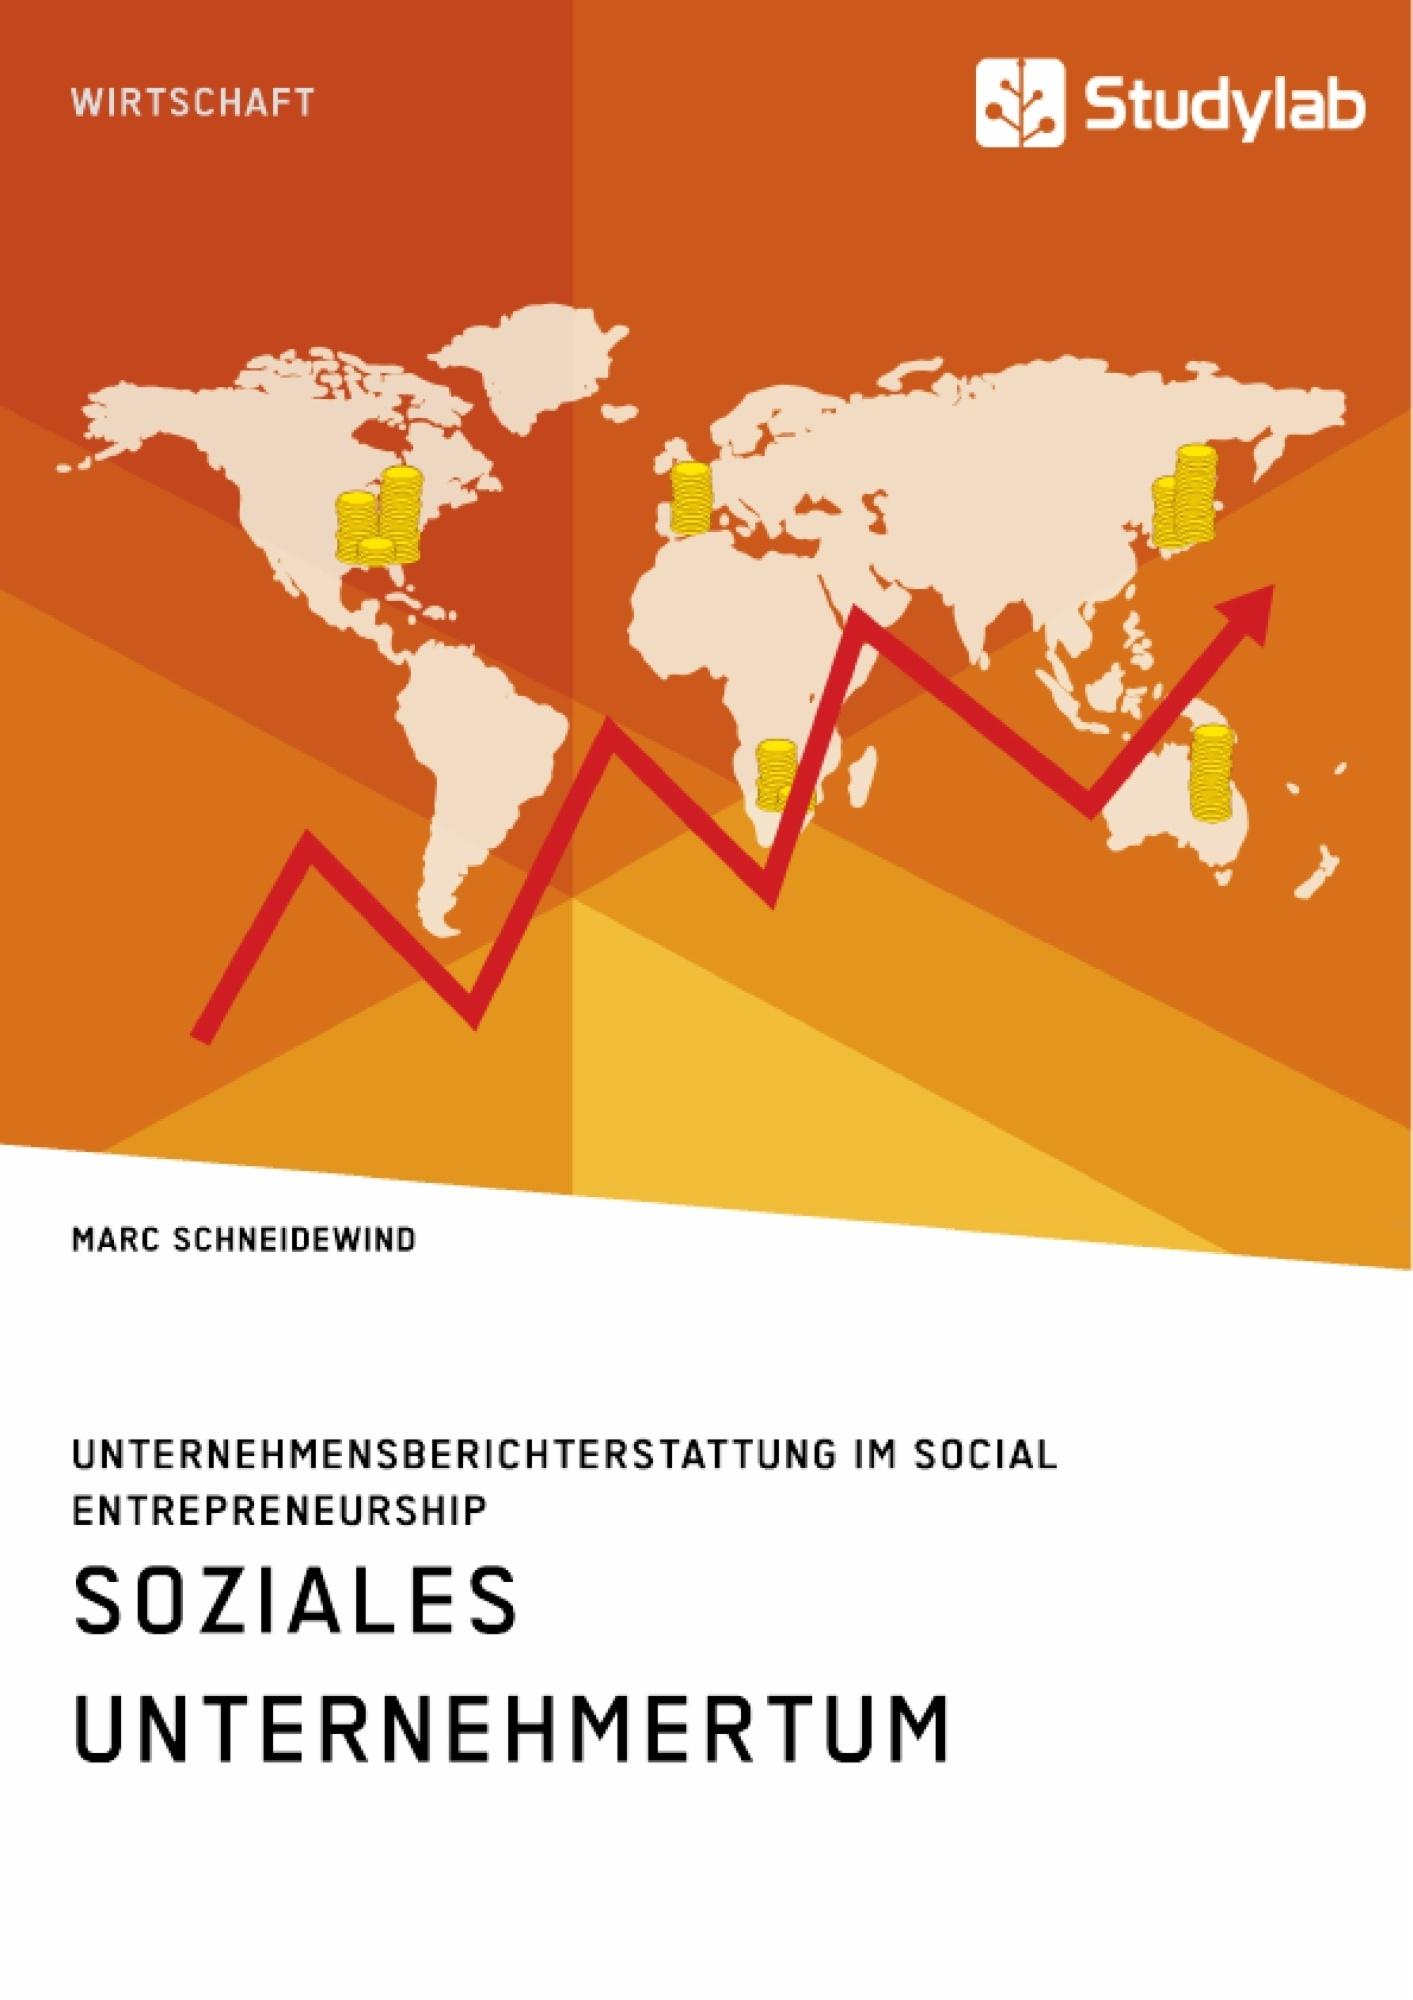 Titel: Soziales Unternehmertum. Unternehmensberichterstattung im Social Entrepreneurship